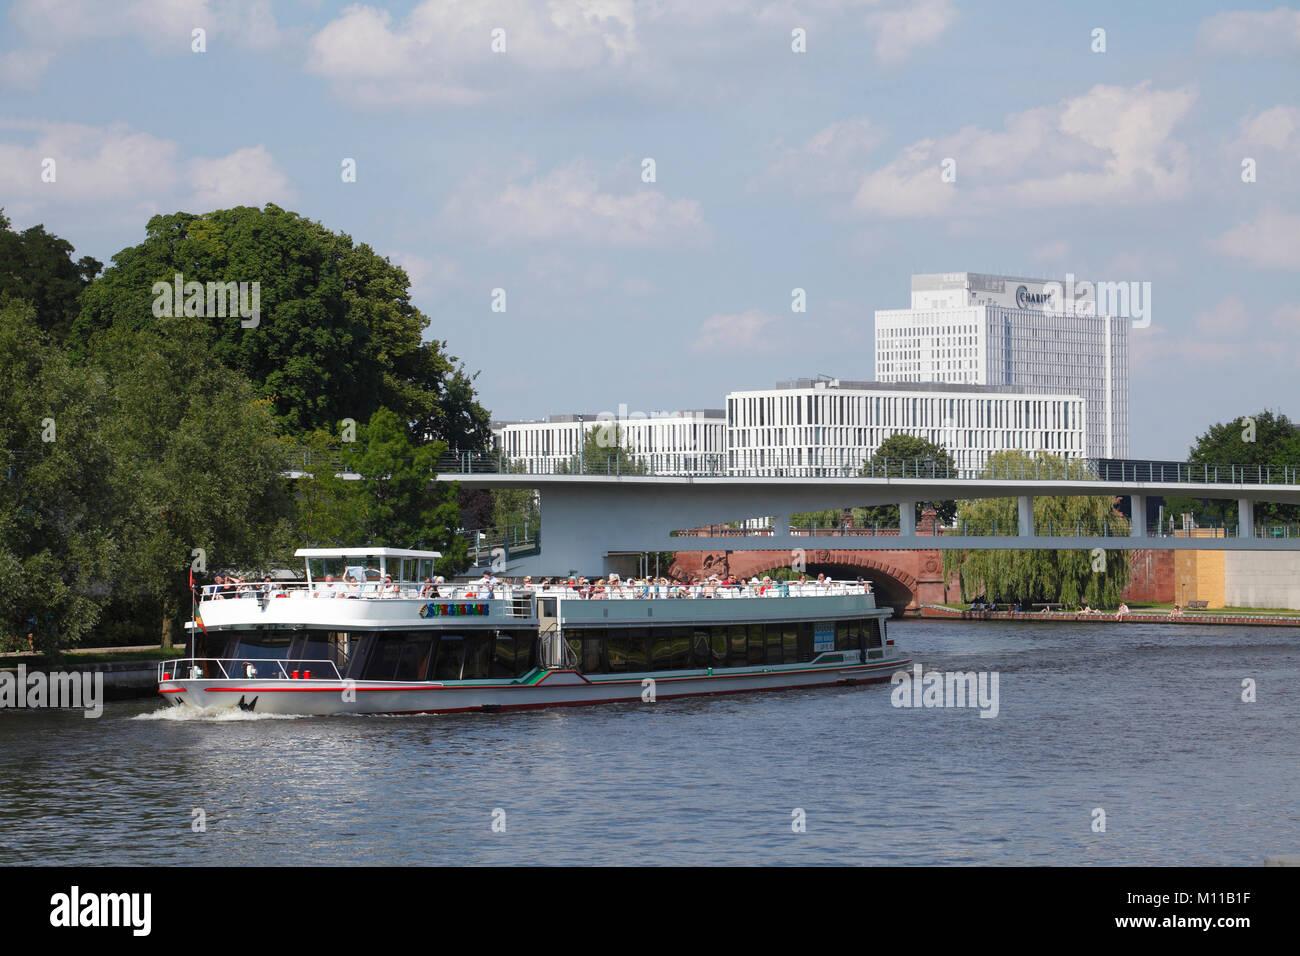 Schiff auf Spree, Klinik der Berliner Charité im Hintergrund, Berlin, Deutschland, Europa ich Ausflugsschiff Stockbild